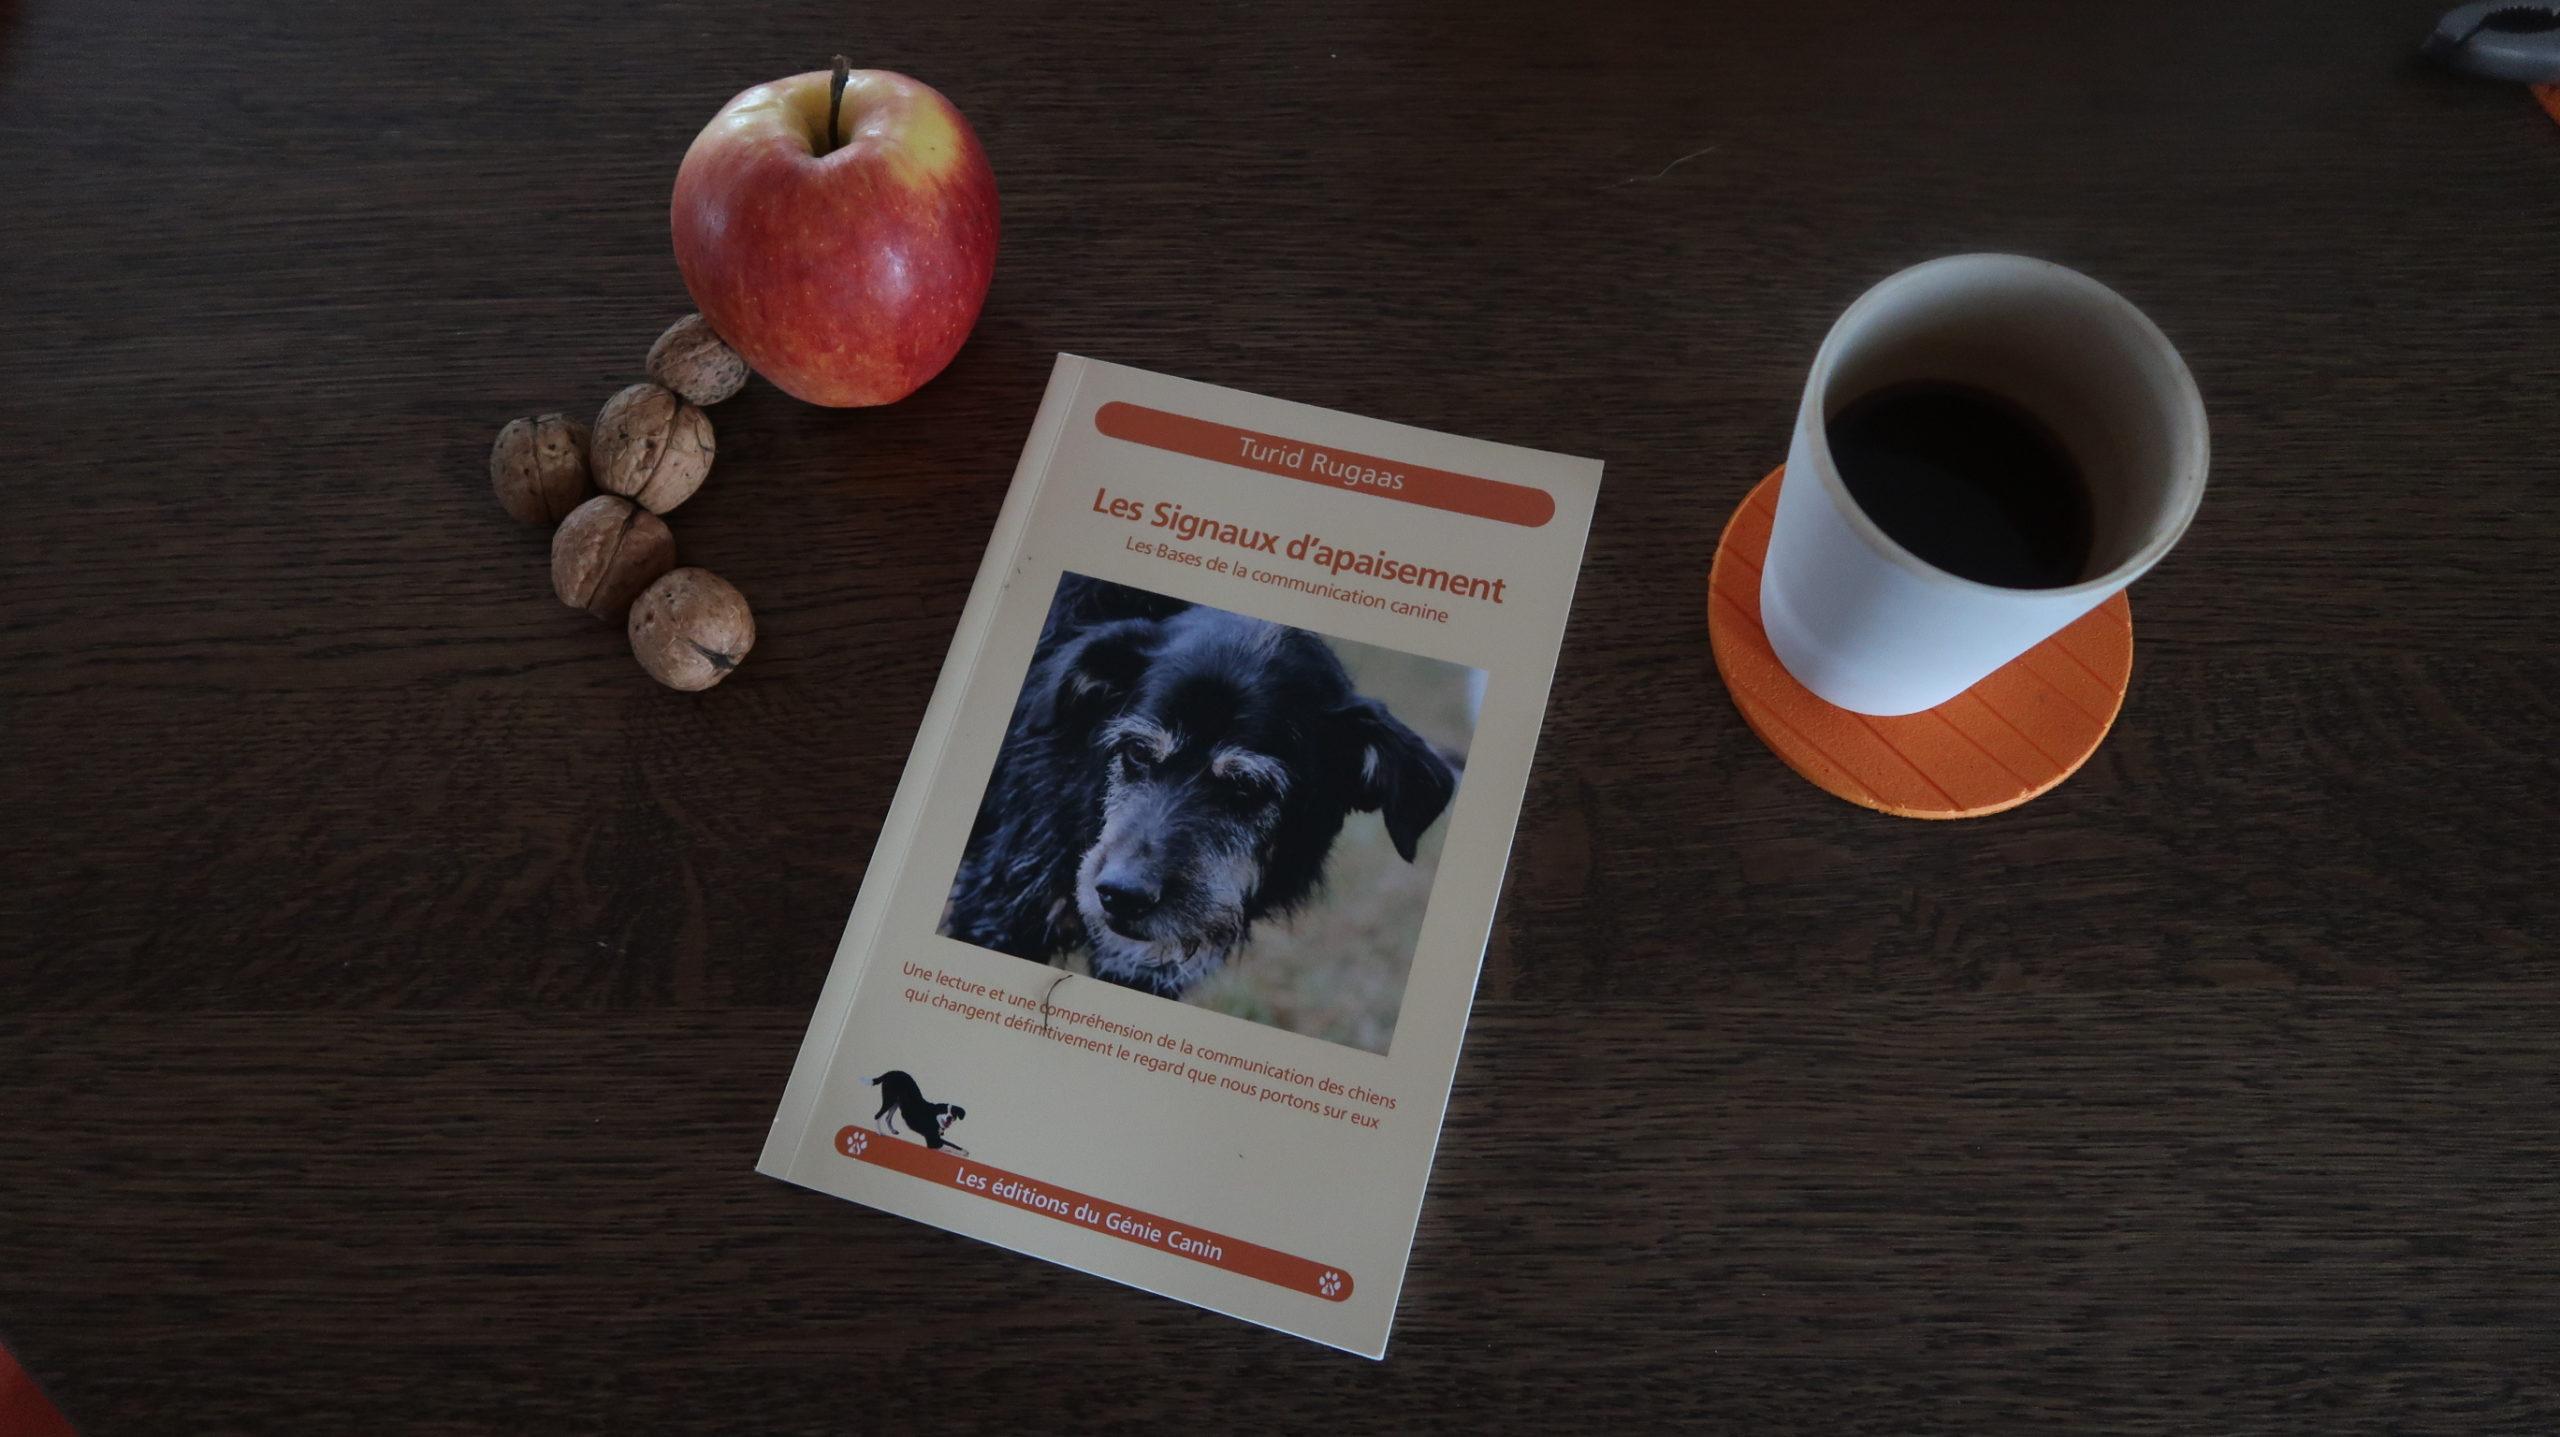 Les signaux d'apaisement : Le livre pour apprendre à écouter son chien